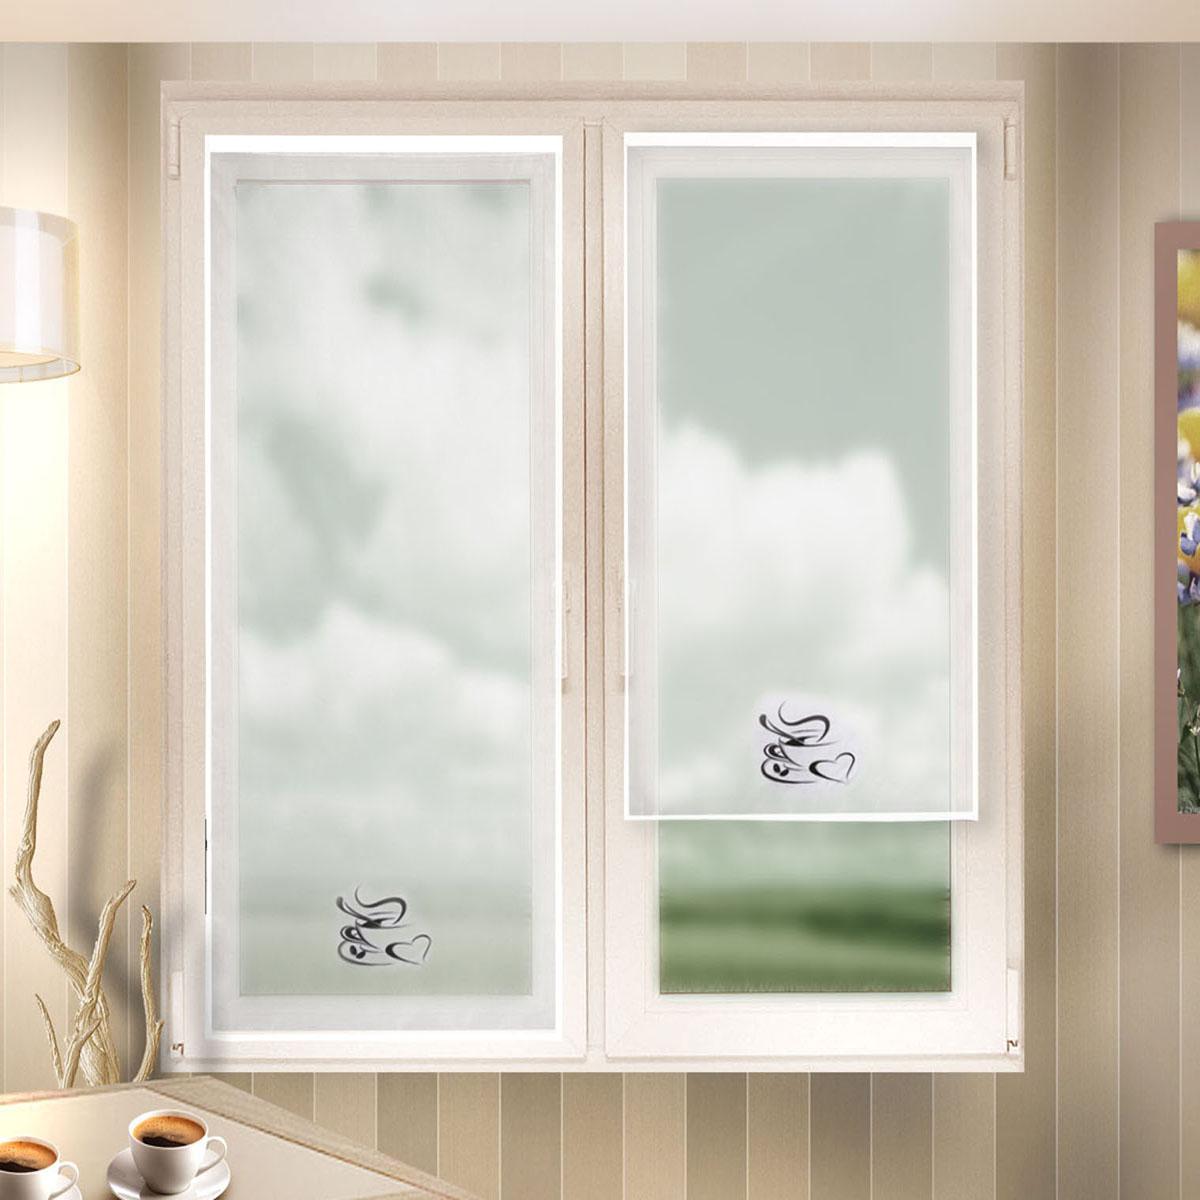 Гардина Zlata Korunka, на липкой ленте, цвет: белый, высота 120 см. 666021/1SVC-300Гардина на липкой ленте Zlata Korunka, изготовленная из полиэстера, станет великолепным украшением любого окна. Полотно из белой вуали с печатным рисунком привлечет к себе внимание и органично впишется в интерьер комнаты. Лучшая альтернатива рулонным шторам - шторы на липкой ленте. Особенность этих штор заключается в том, что они имеют липкую основу в месте крепления. Лента или основа надежно и быстро крепится на раму окна, а на нее фиксируется сама штора.